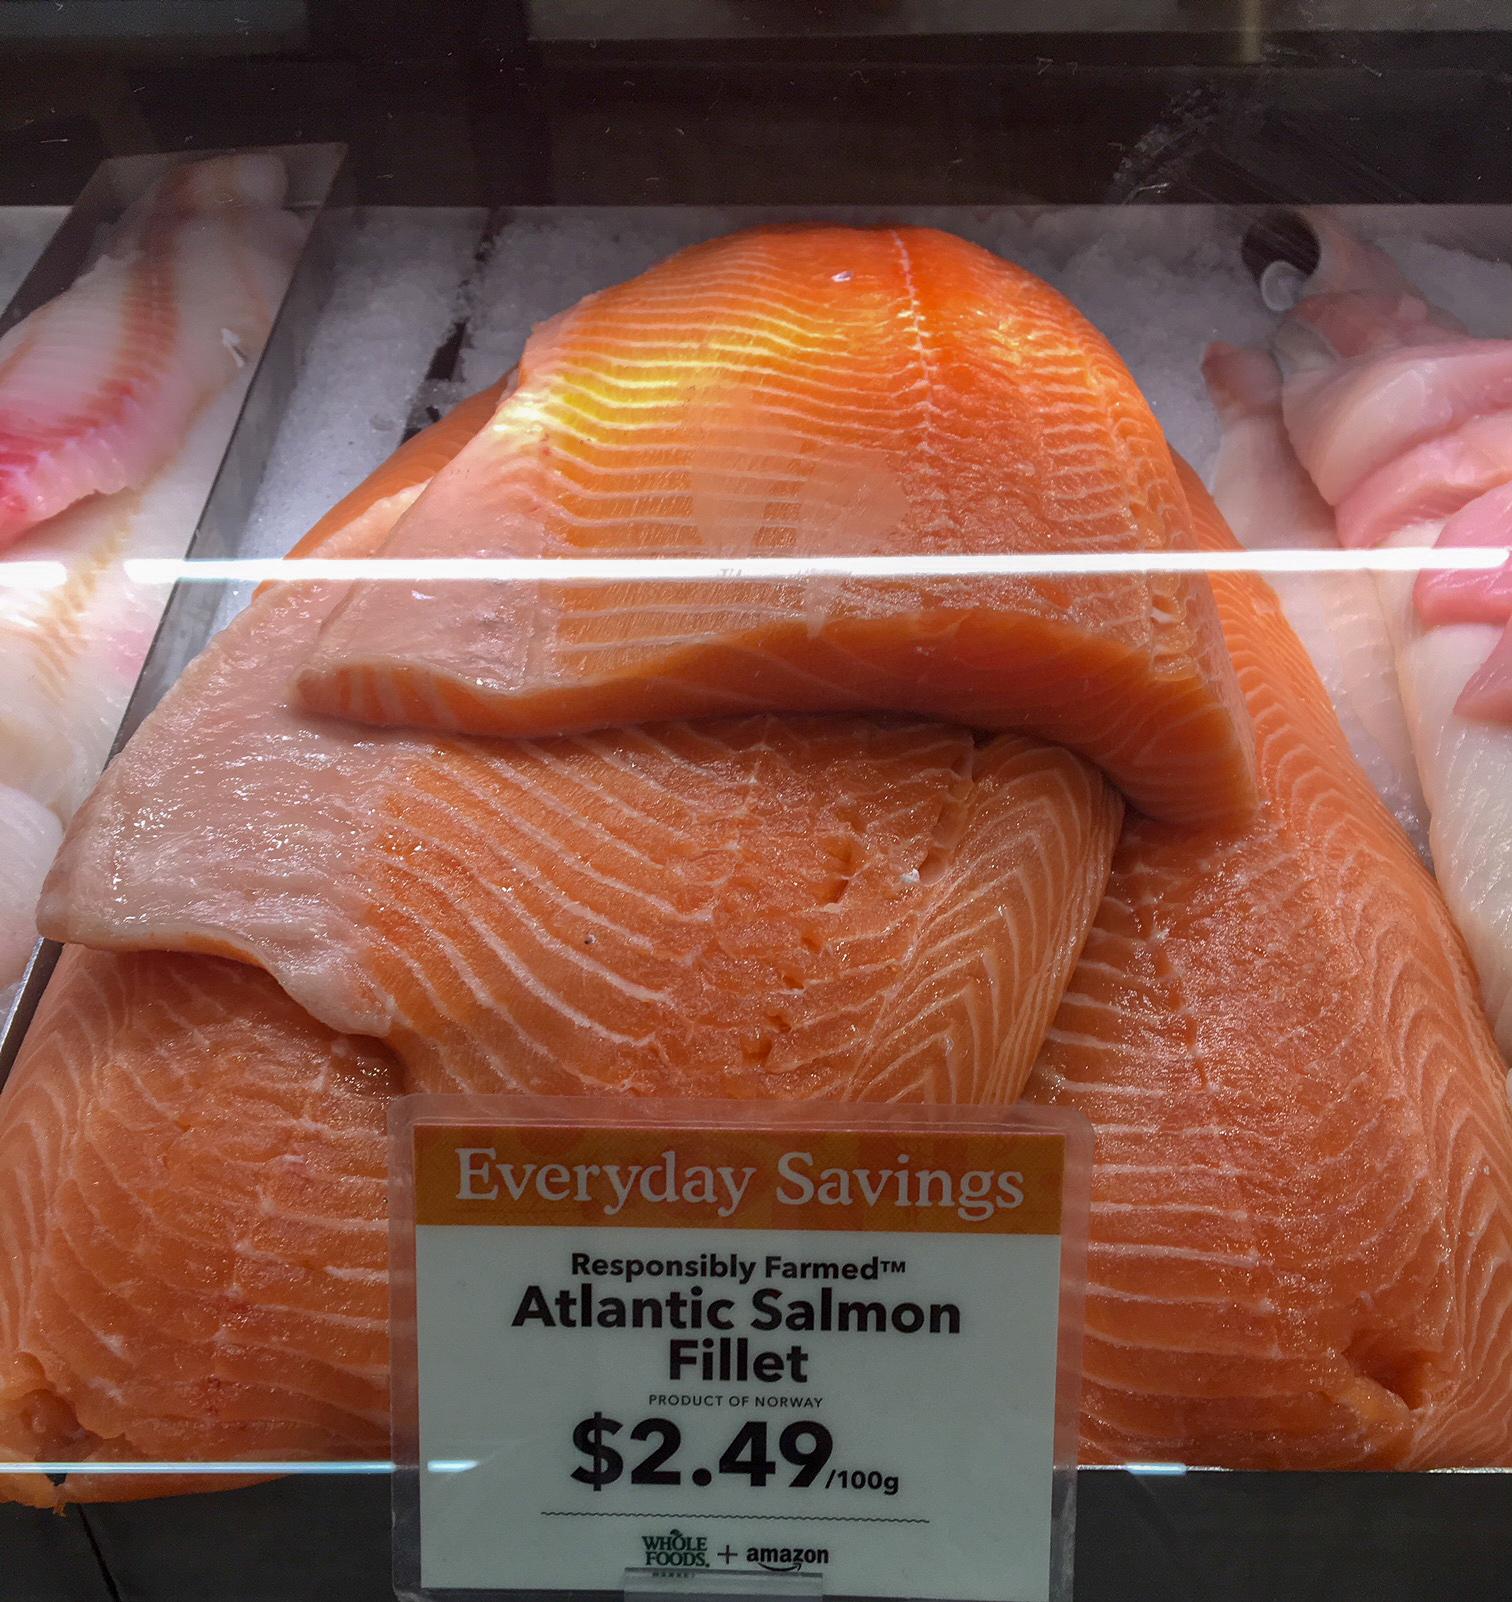 Farm-raised Atlantic salmon at Whole Foods Market - SeaWestNews